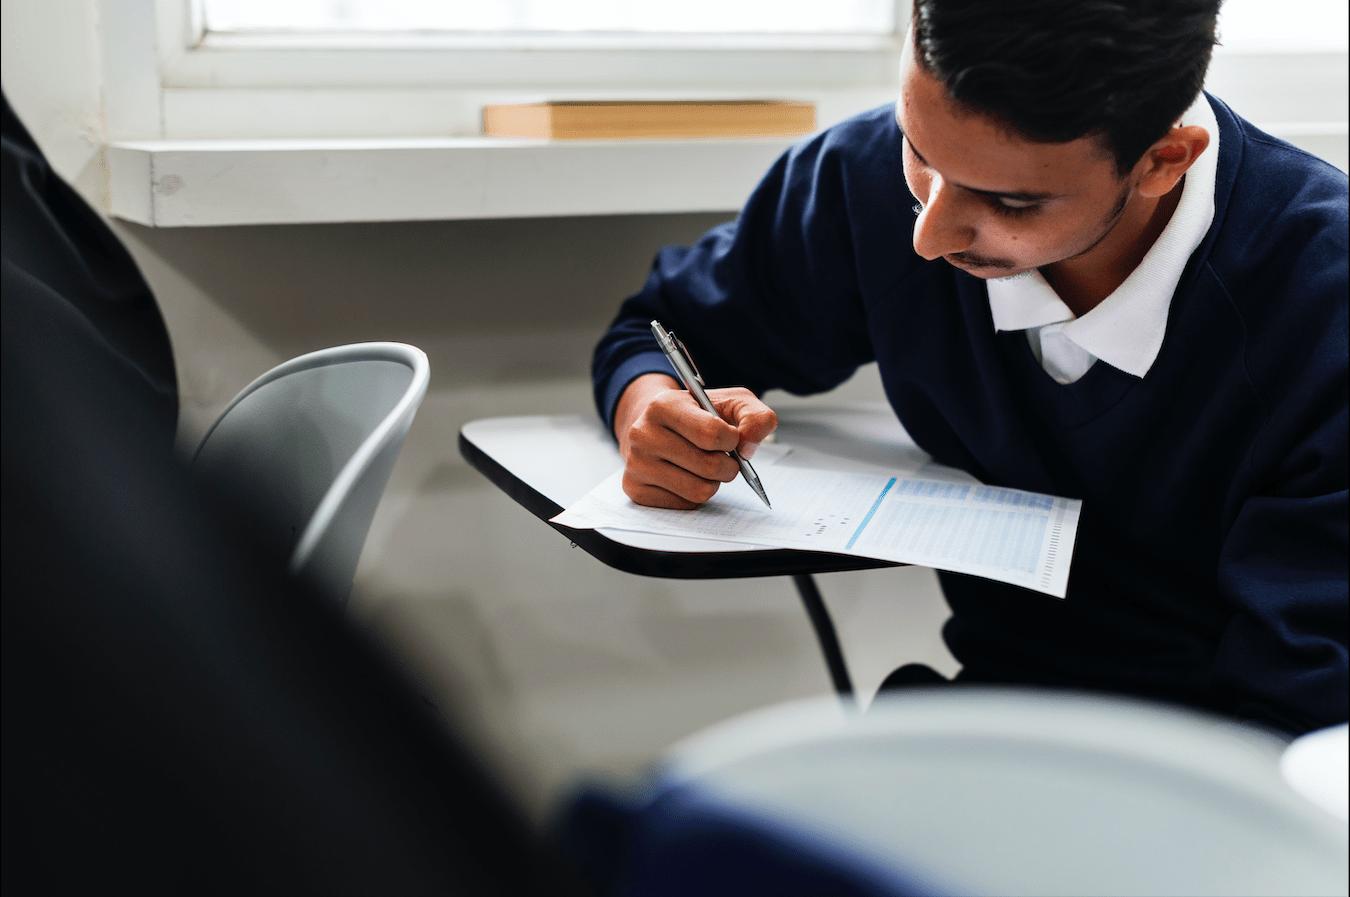 new TOEFL hard or easy